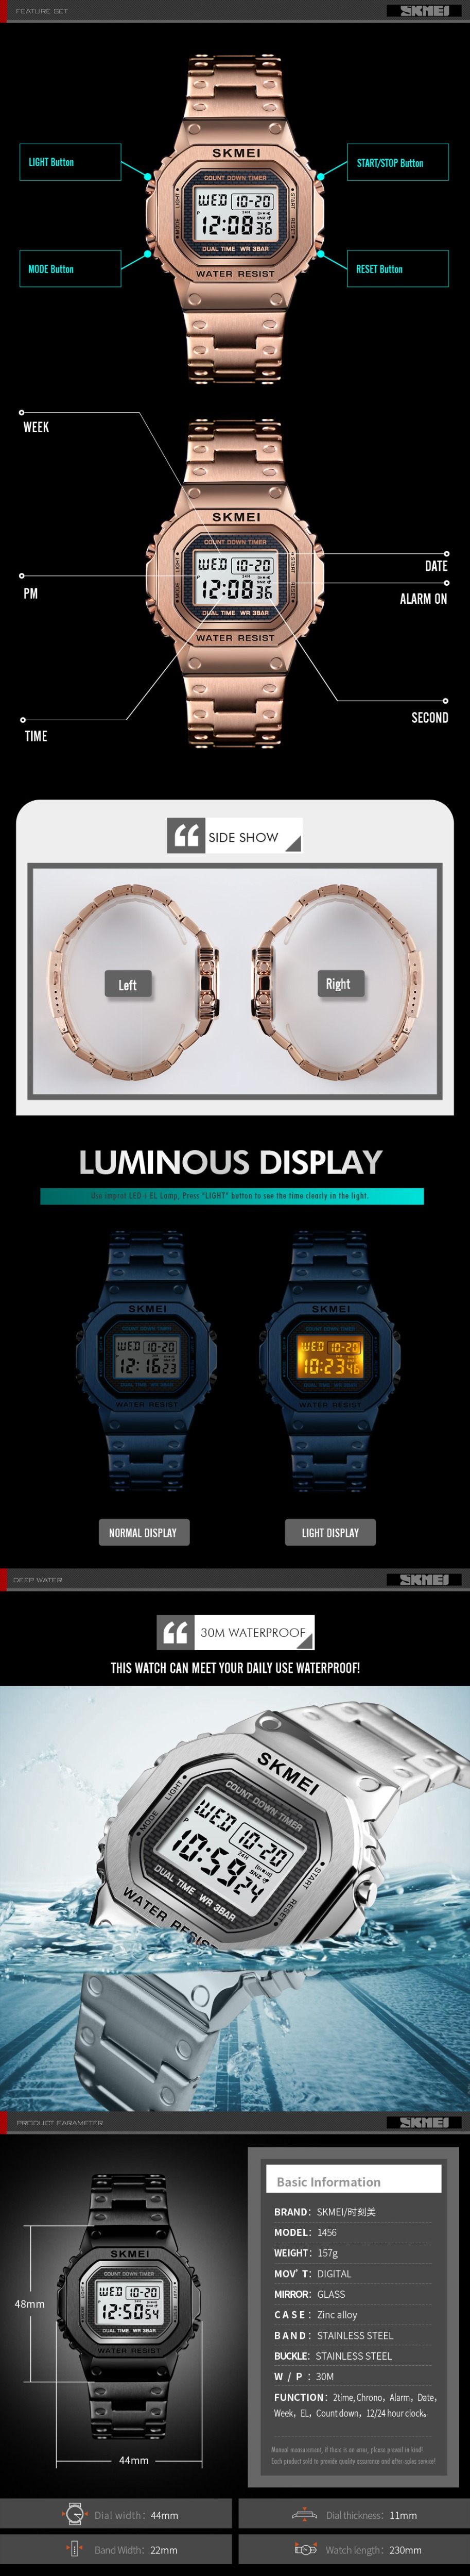 ar livre relógio de pulso da marca